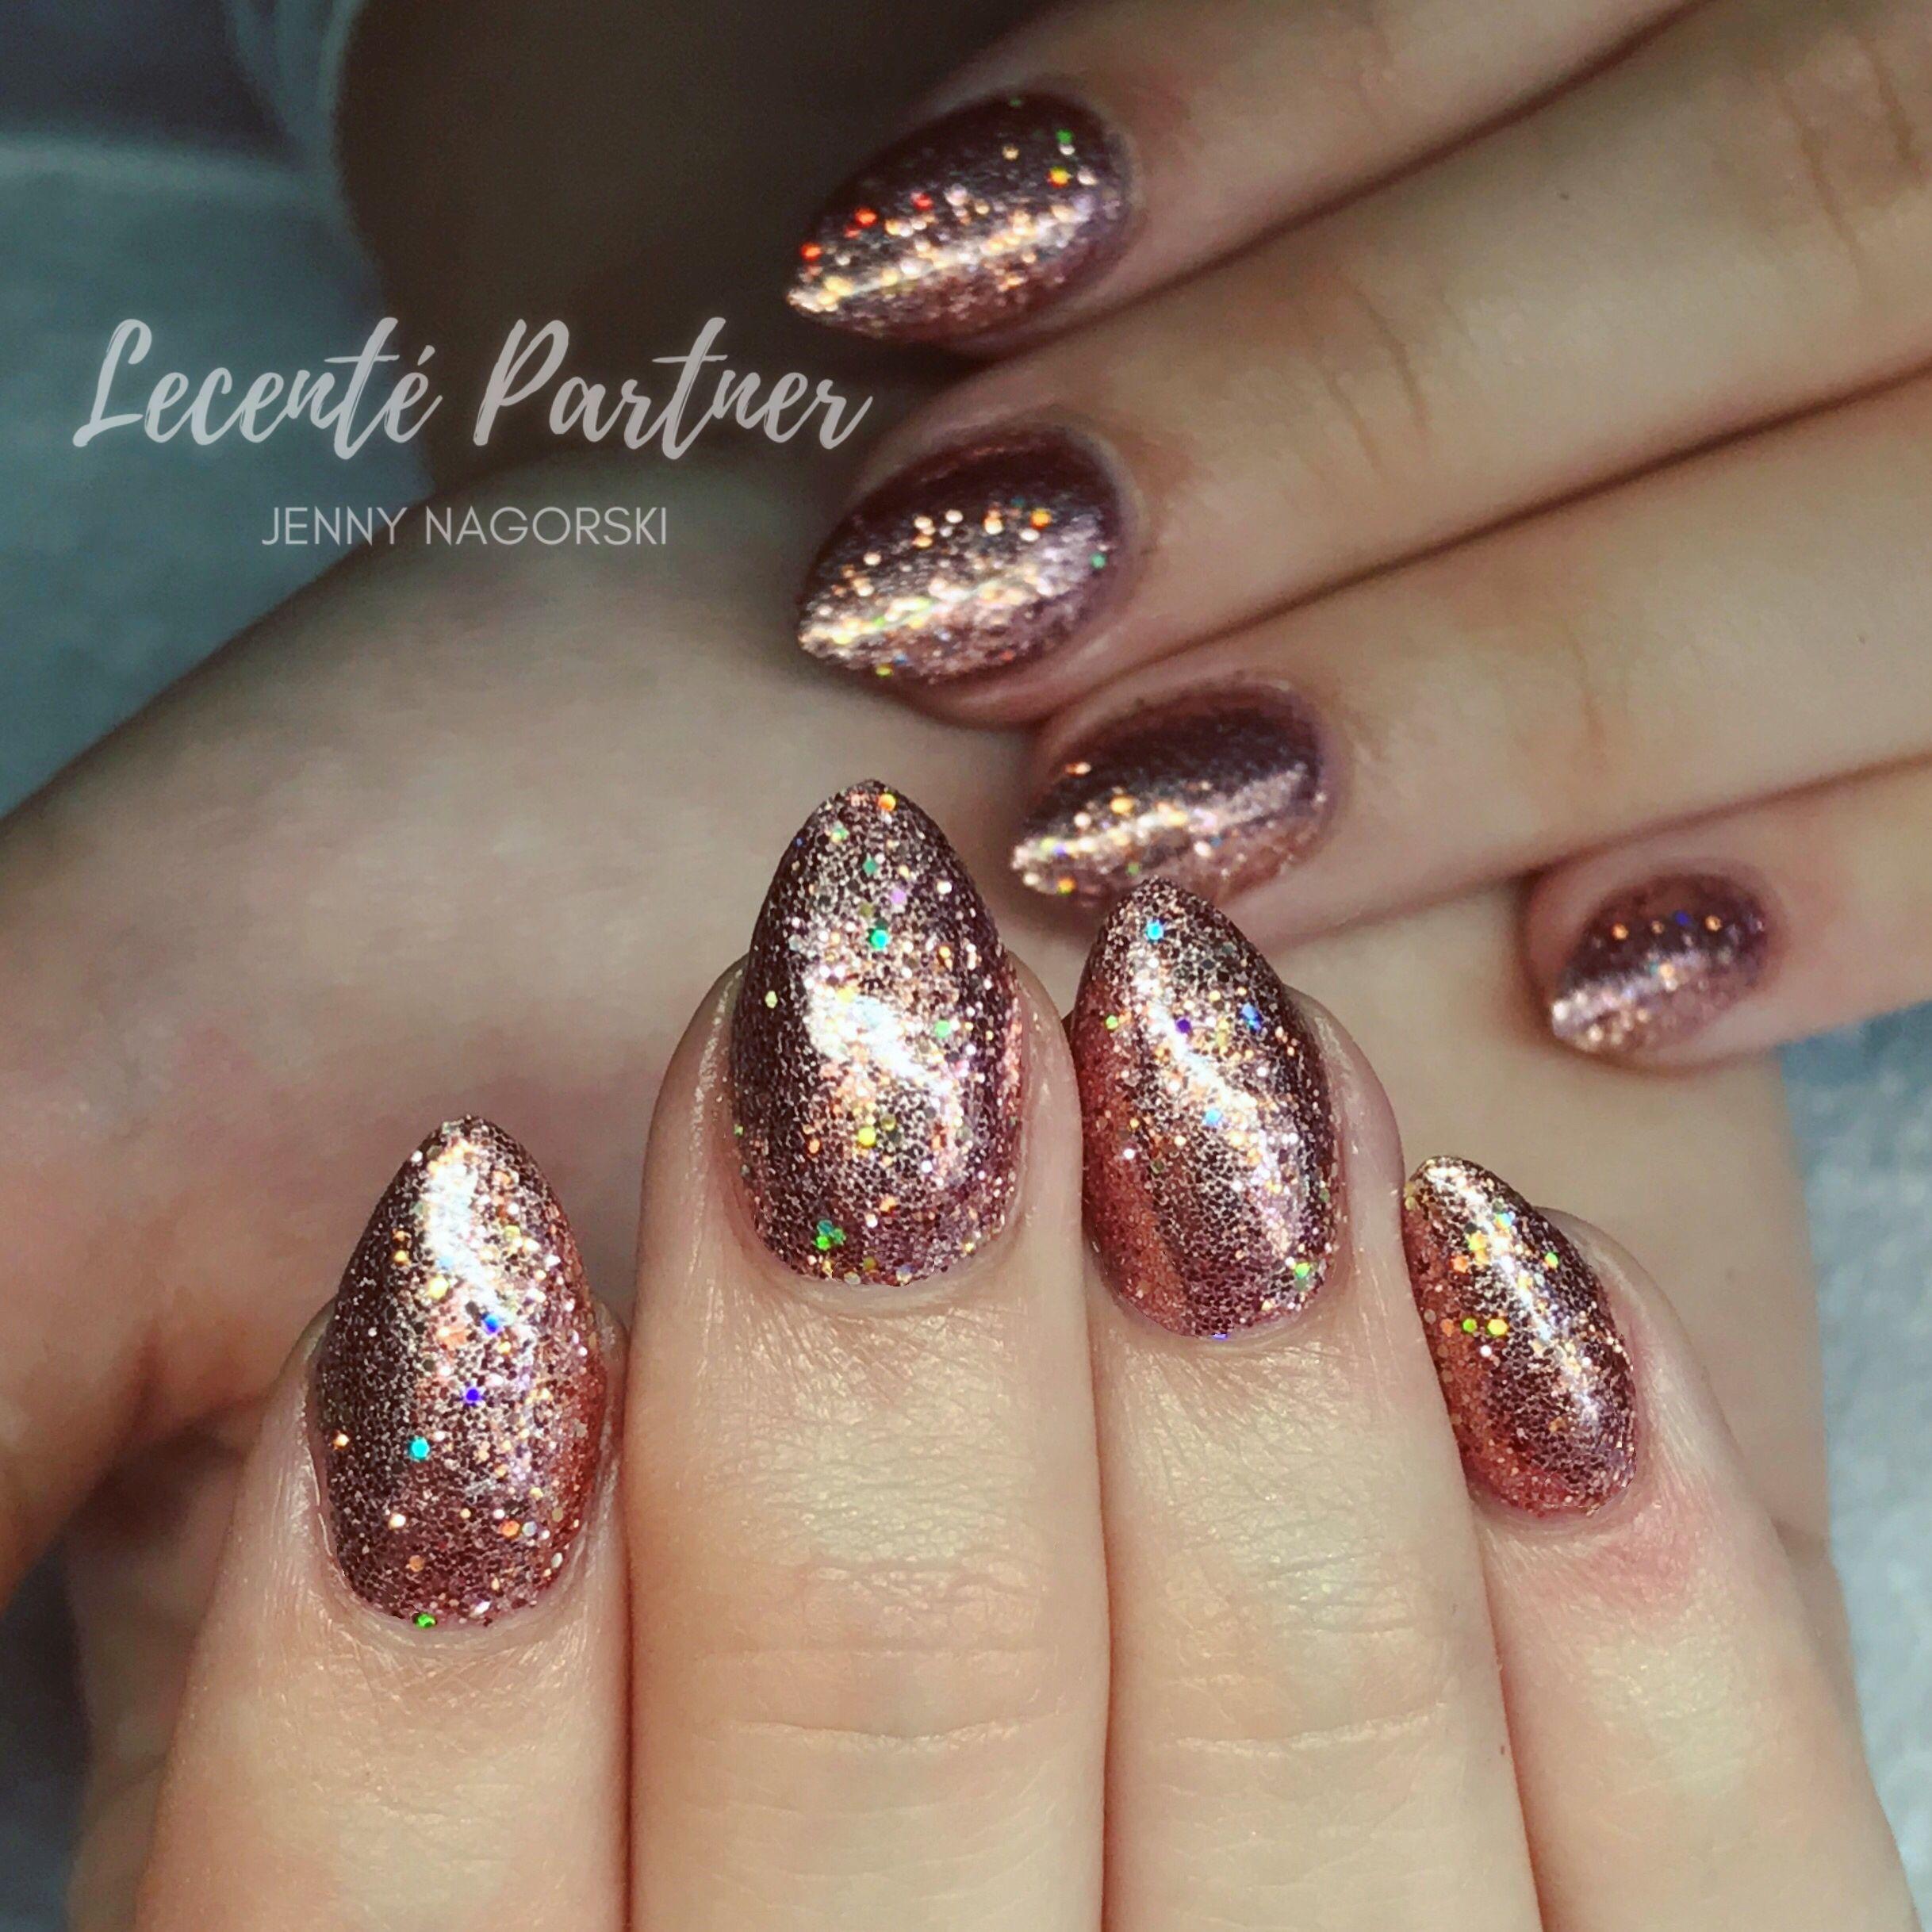 Cnd Shellac With Lecente Babydoll Multiglitz Gold Nails